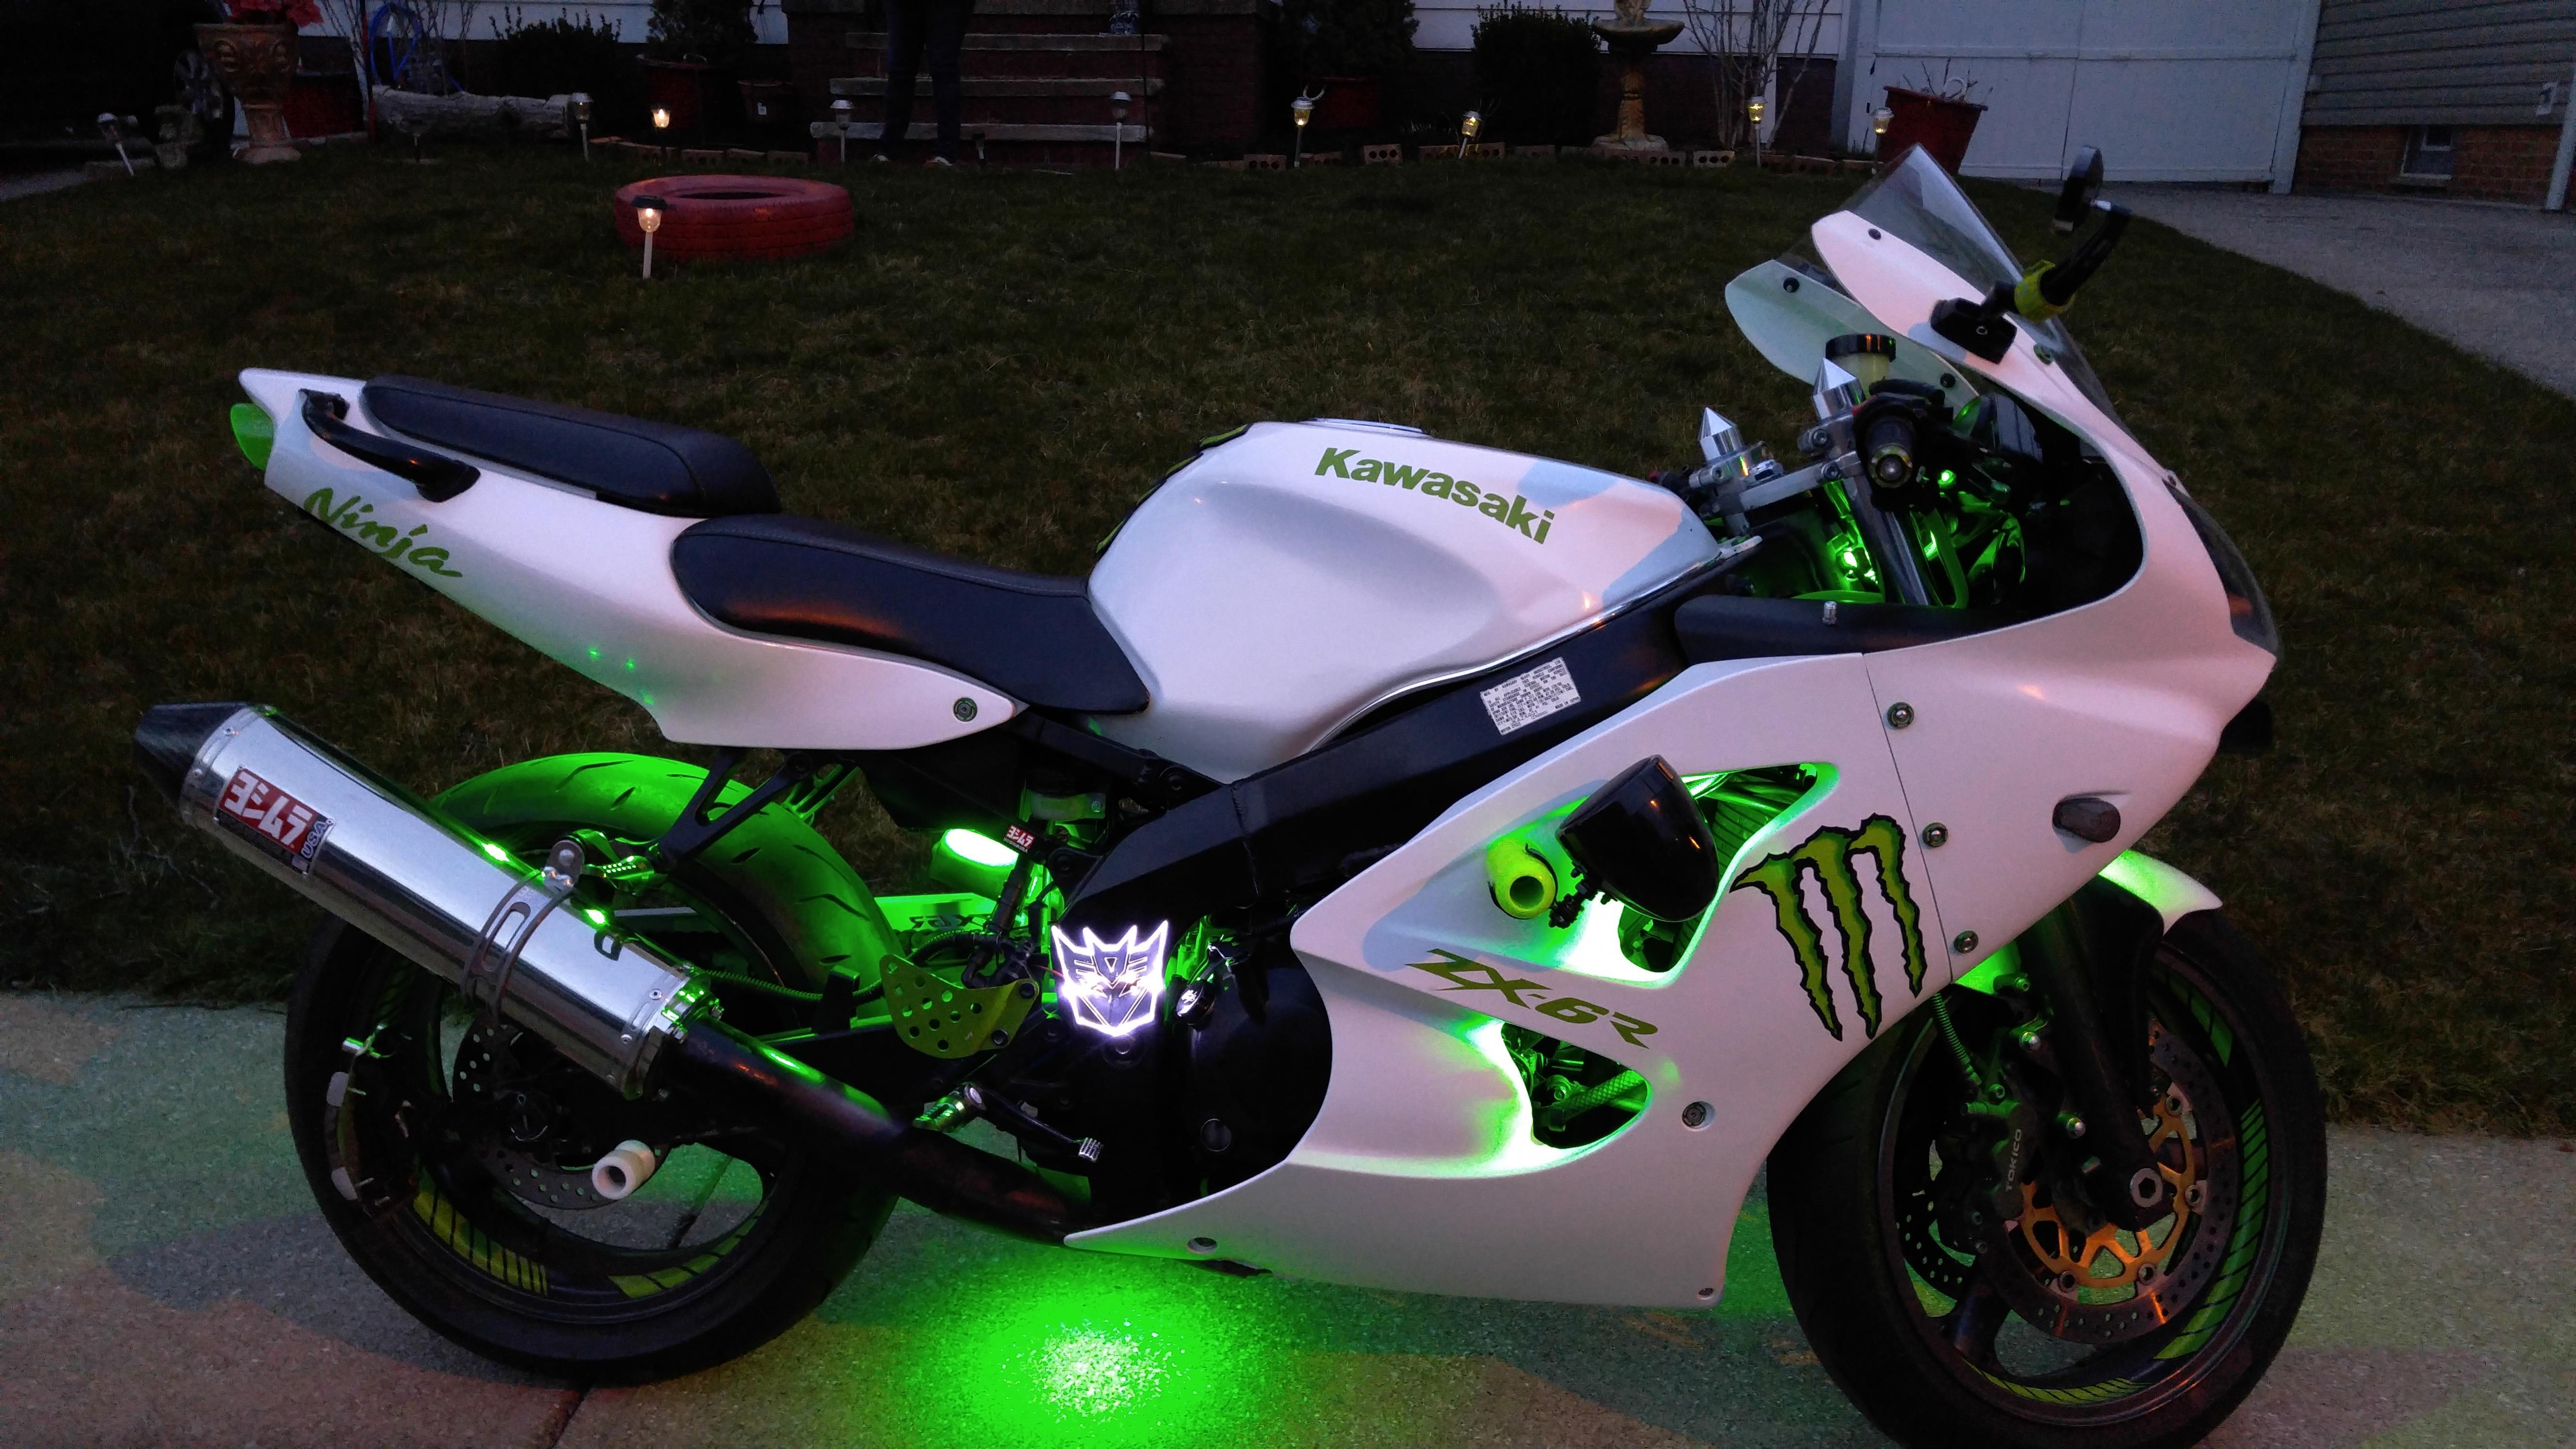 99 Kawasaki Zx6r Idée Dimage De Moto